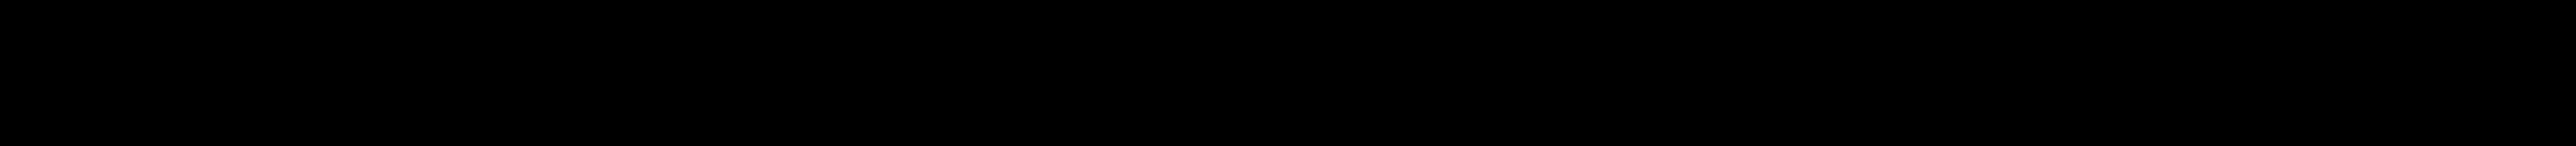 Logo Kungliga Djurgården, Östermalm, Stockholm - En av världens vackraste stadsparker. - @kungligadjurgarden - kungligadjurgarden.com